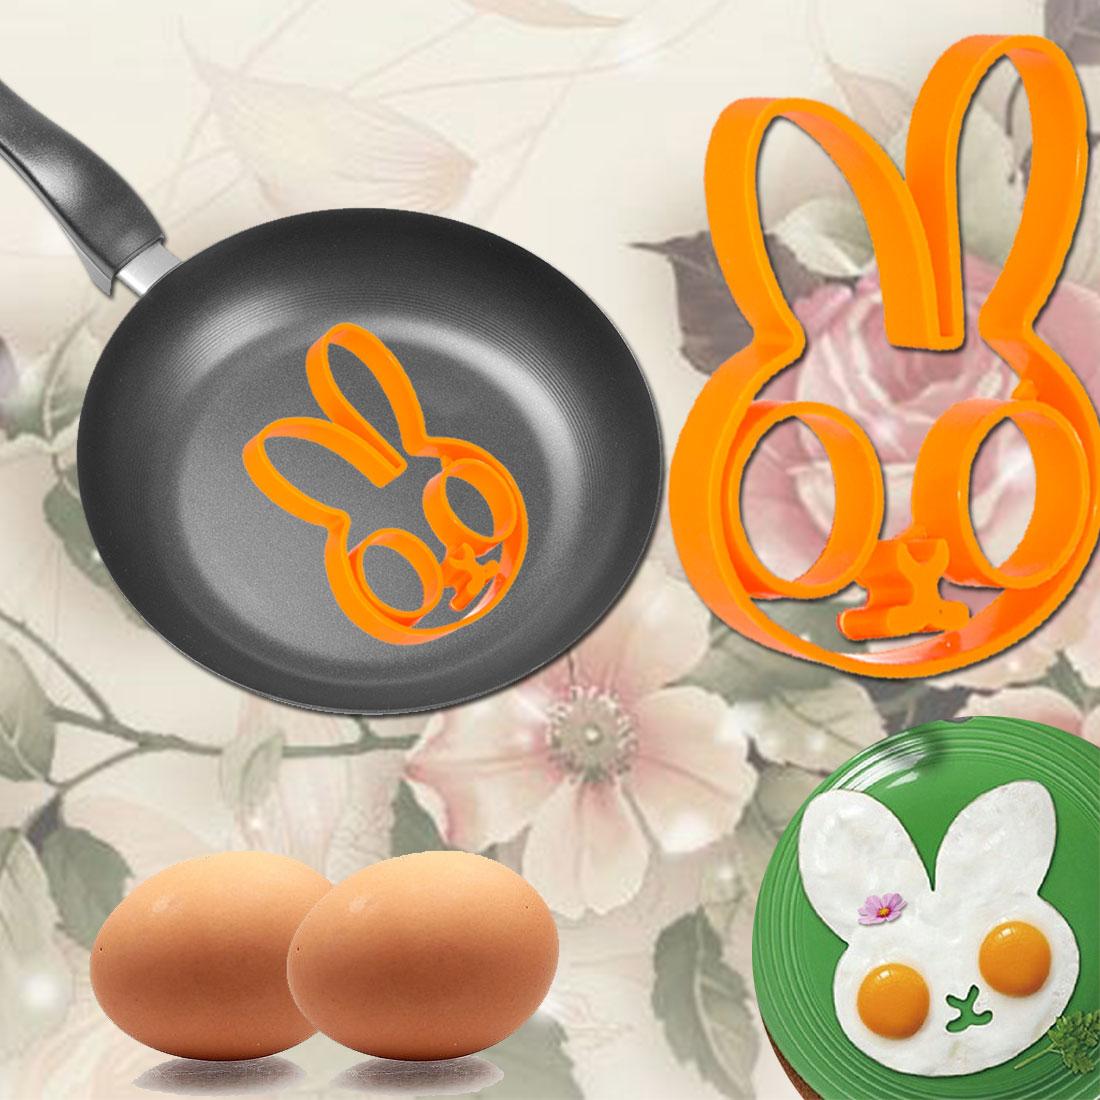 Kitchen Gadget Popular Kitchen Gadget Gifts Buy Cheap Kitchen Gadget Gifts Lots